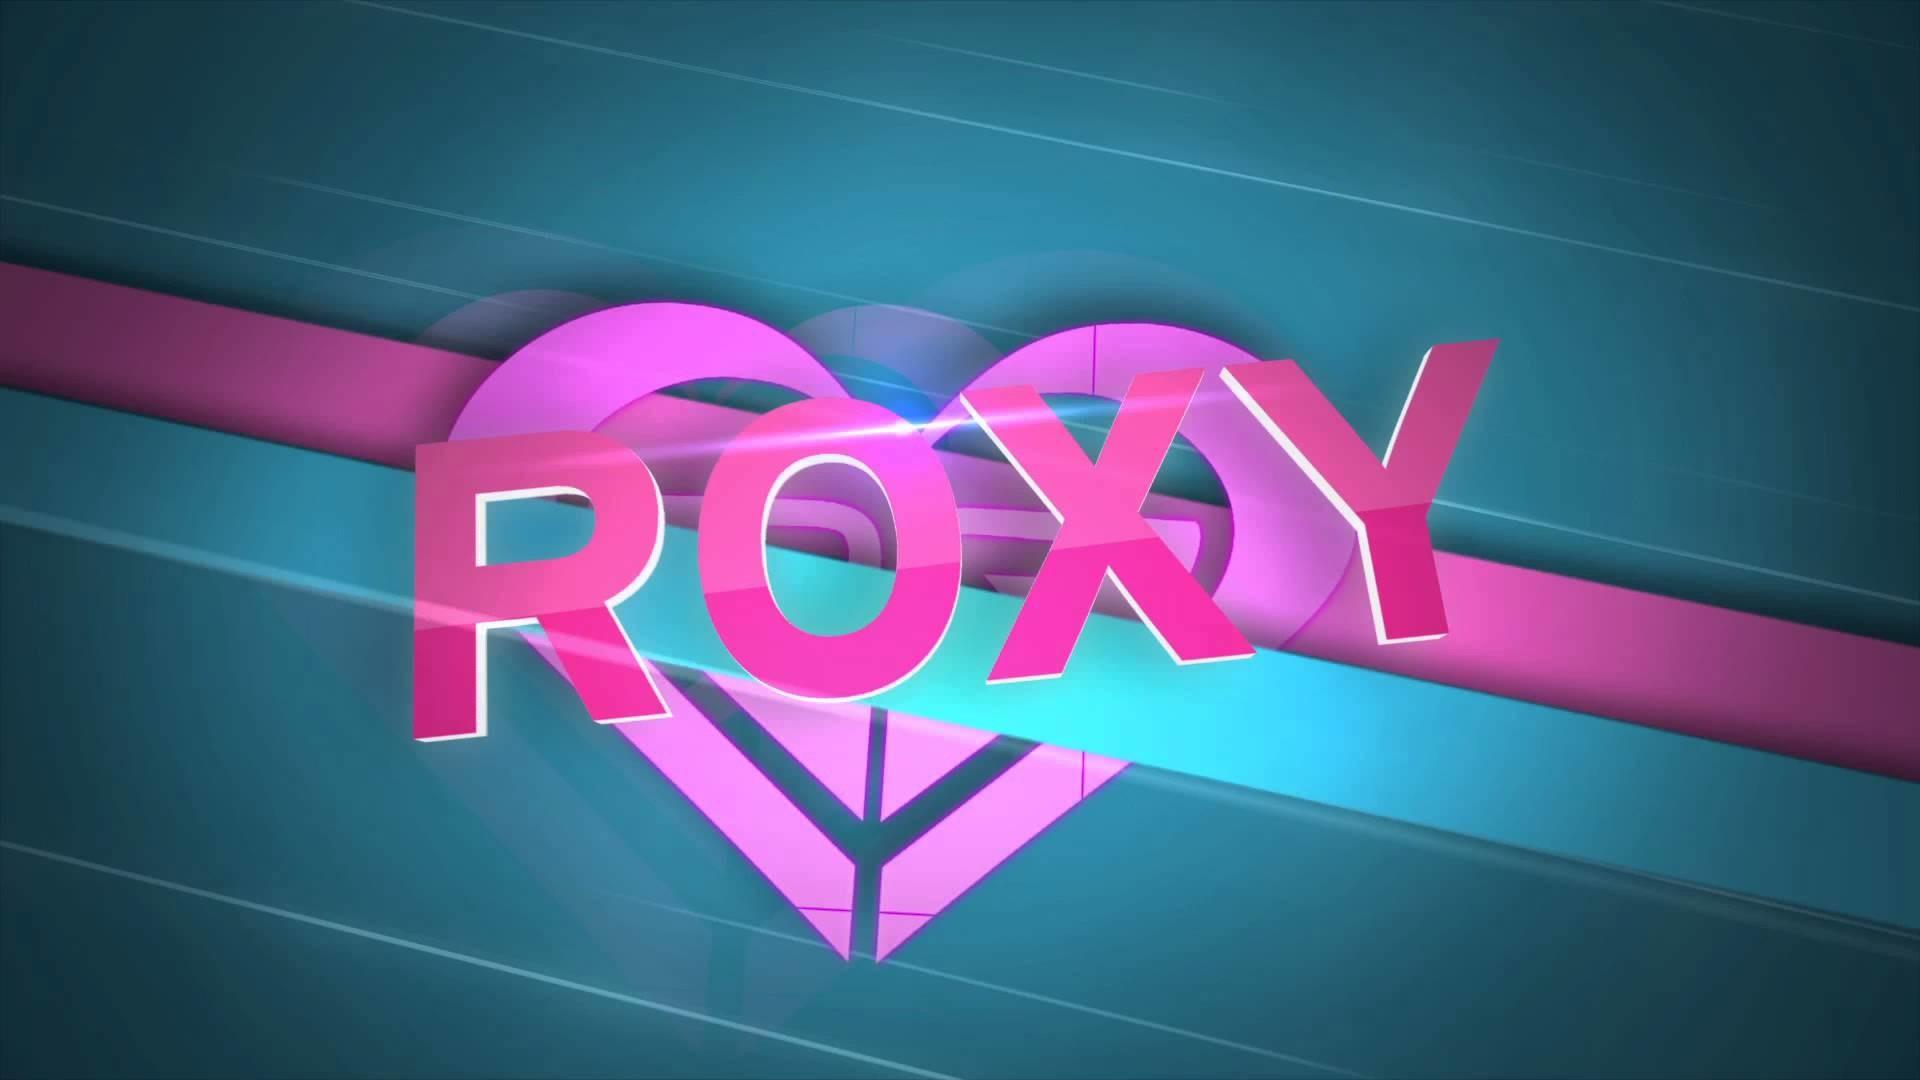 Roxy Wallpaper Desktop 73 Images